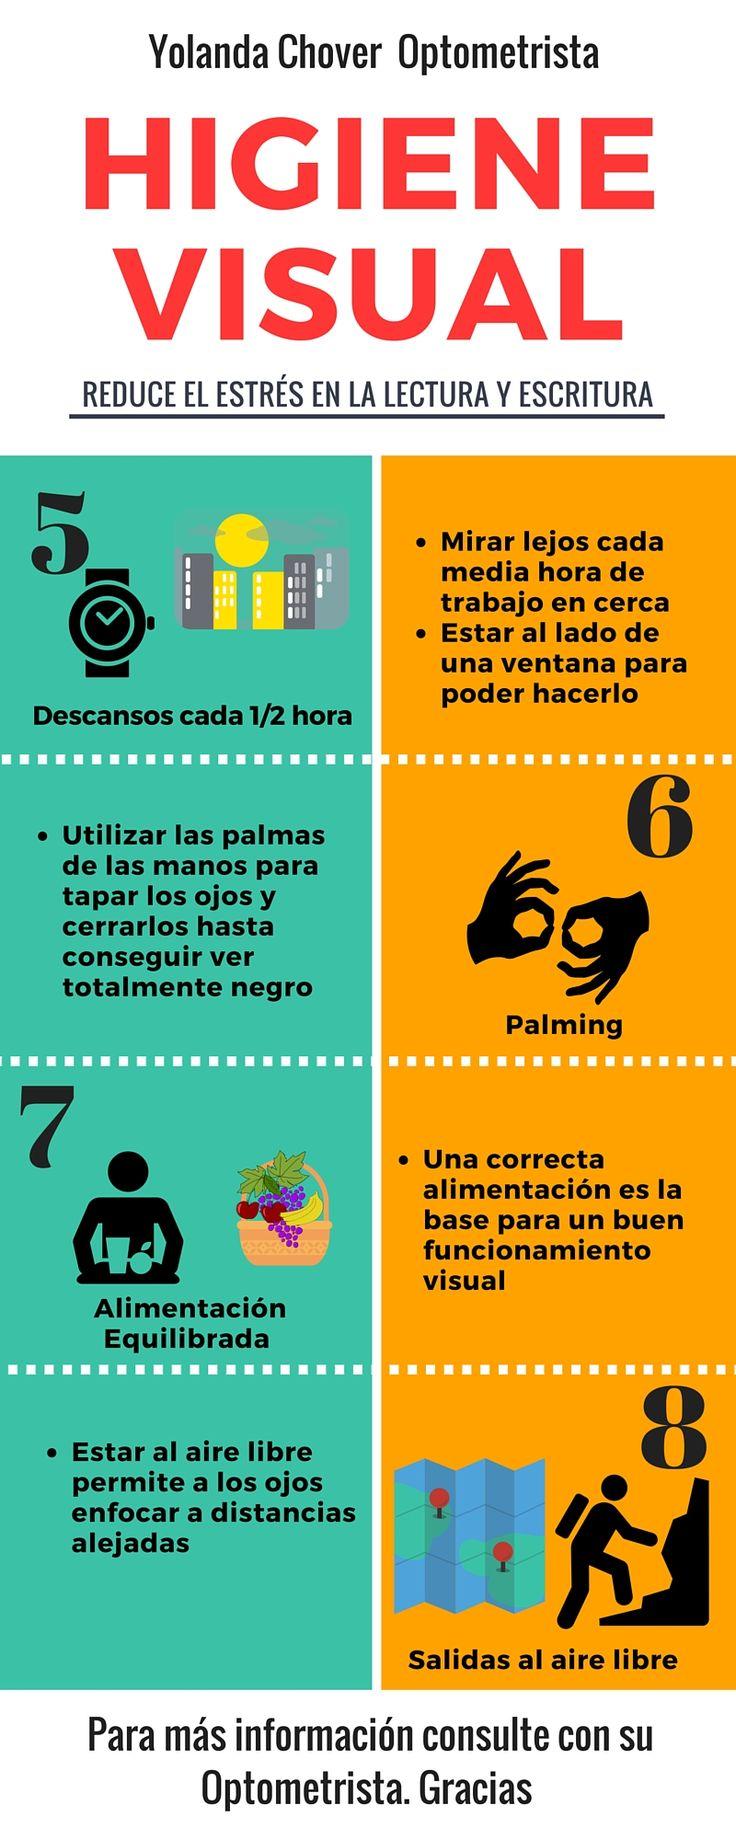 Normas de higiene visual 2